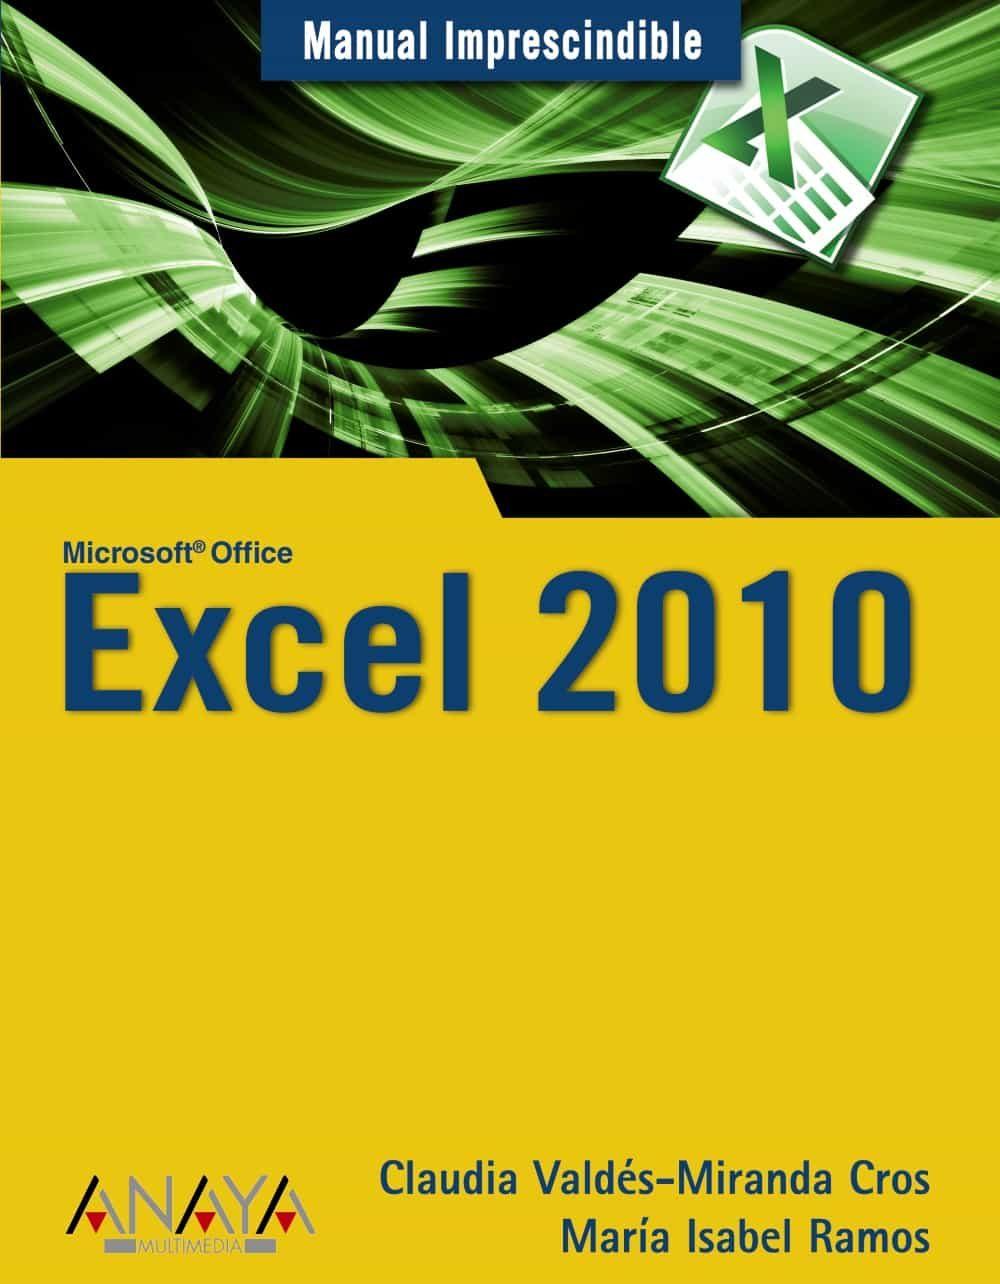 Excel 2010 (manual Imprescindible) por Claudia Valdes-miranda